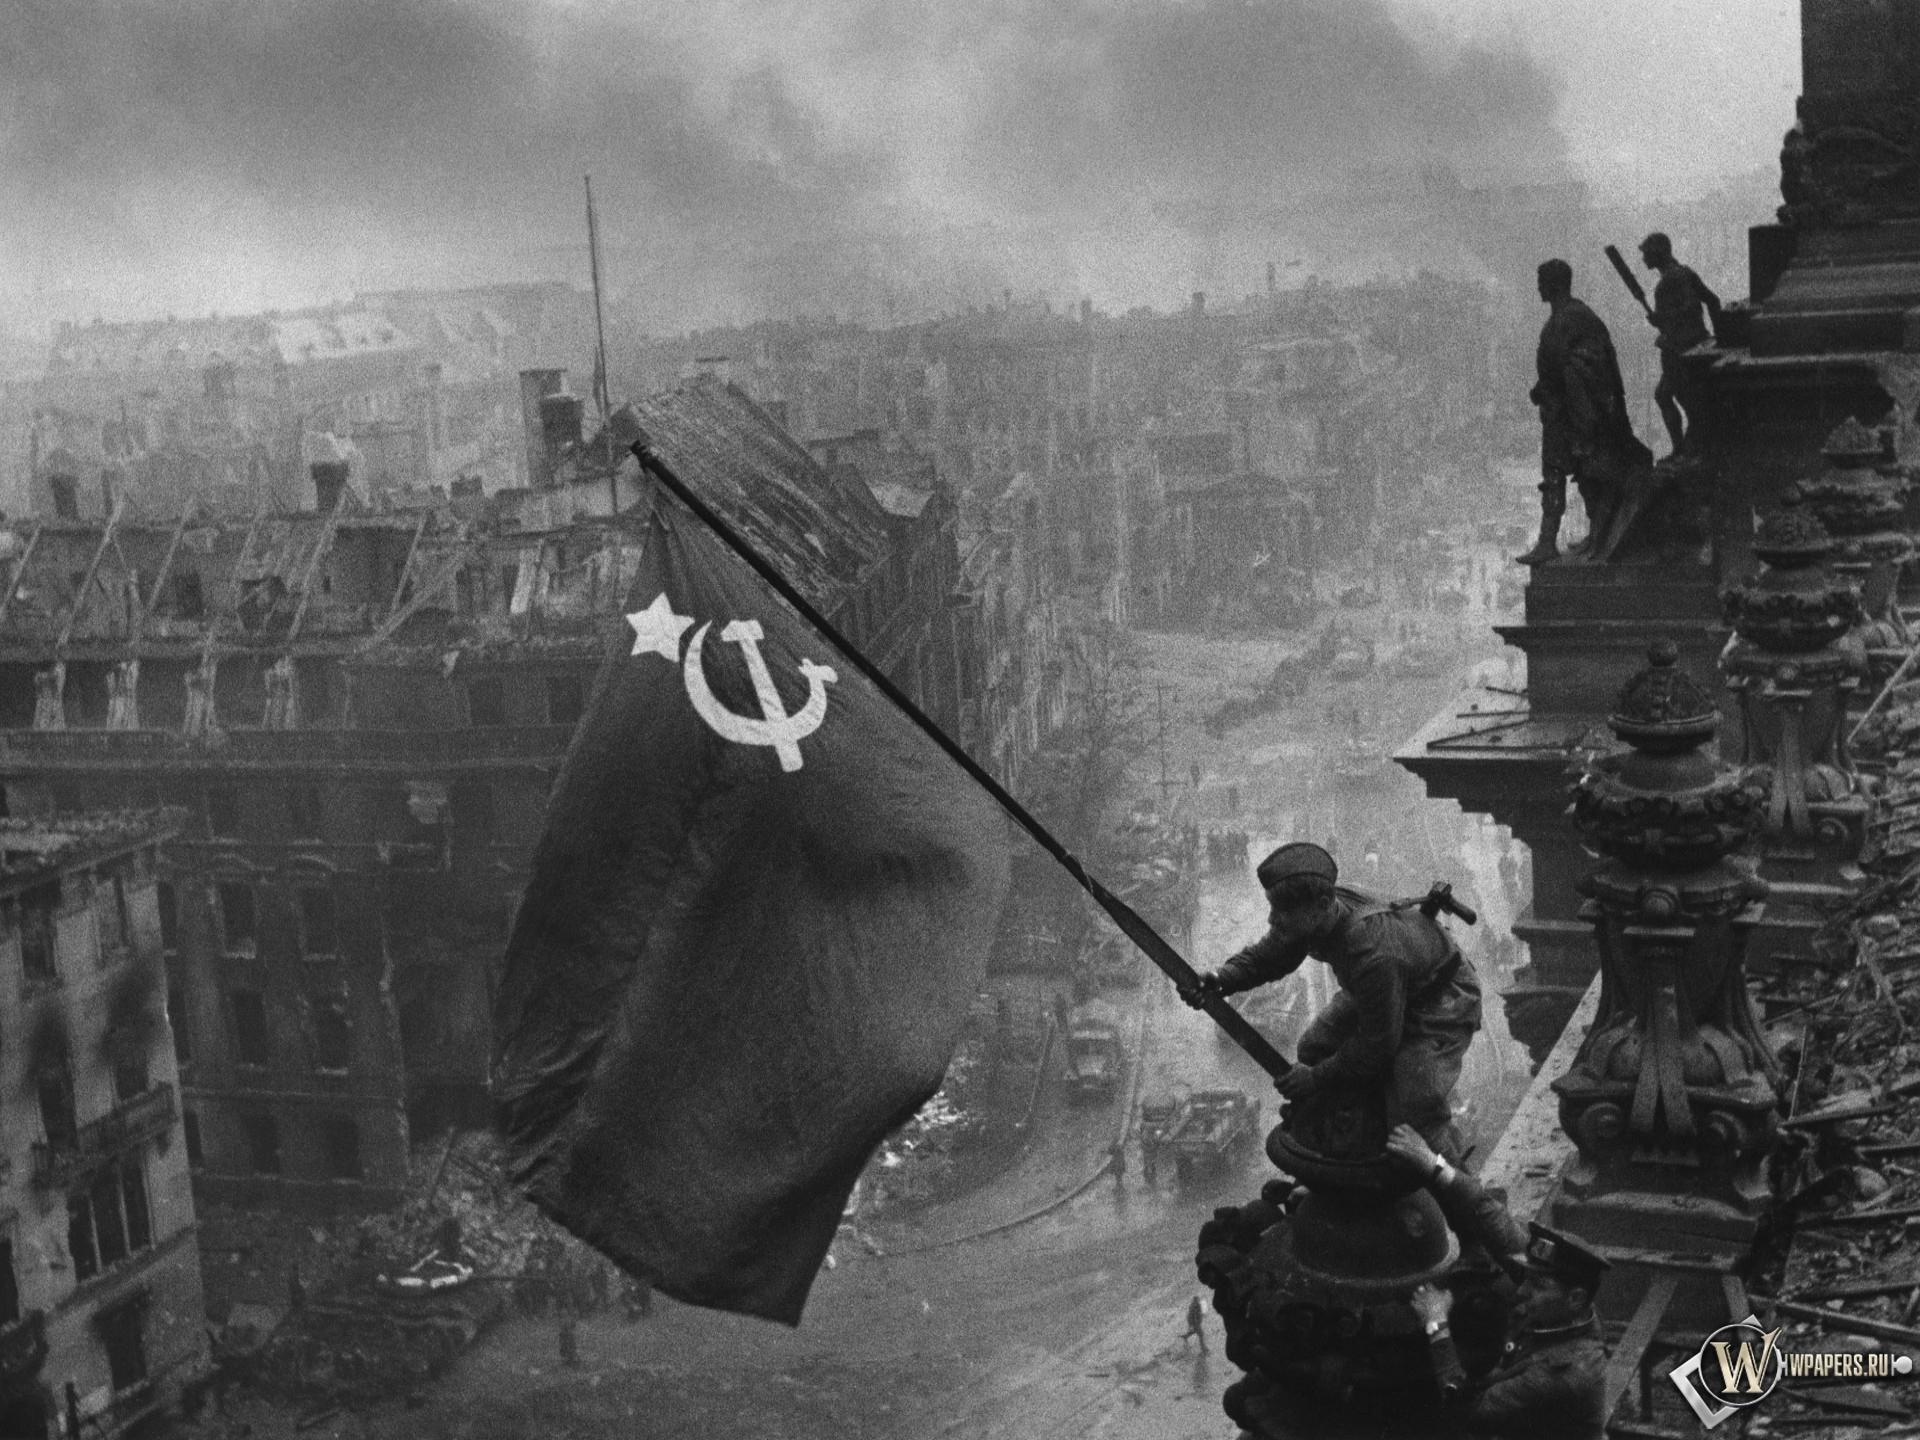 Флаг над Рейхстагом 1920x1440